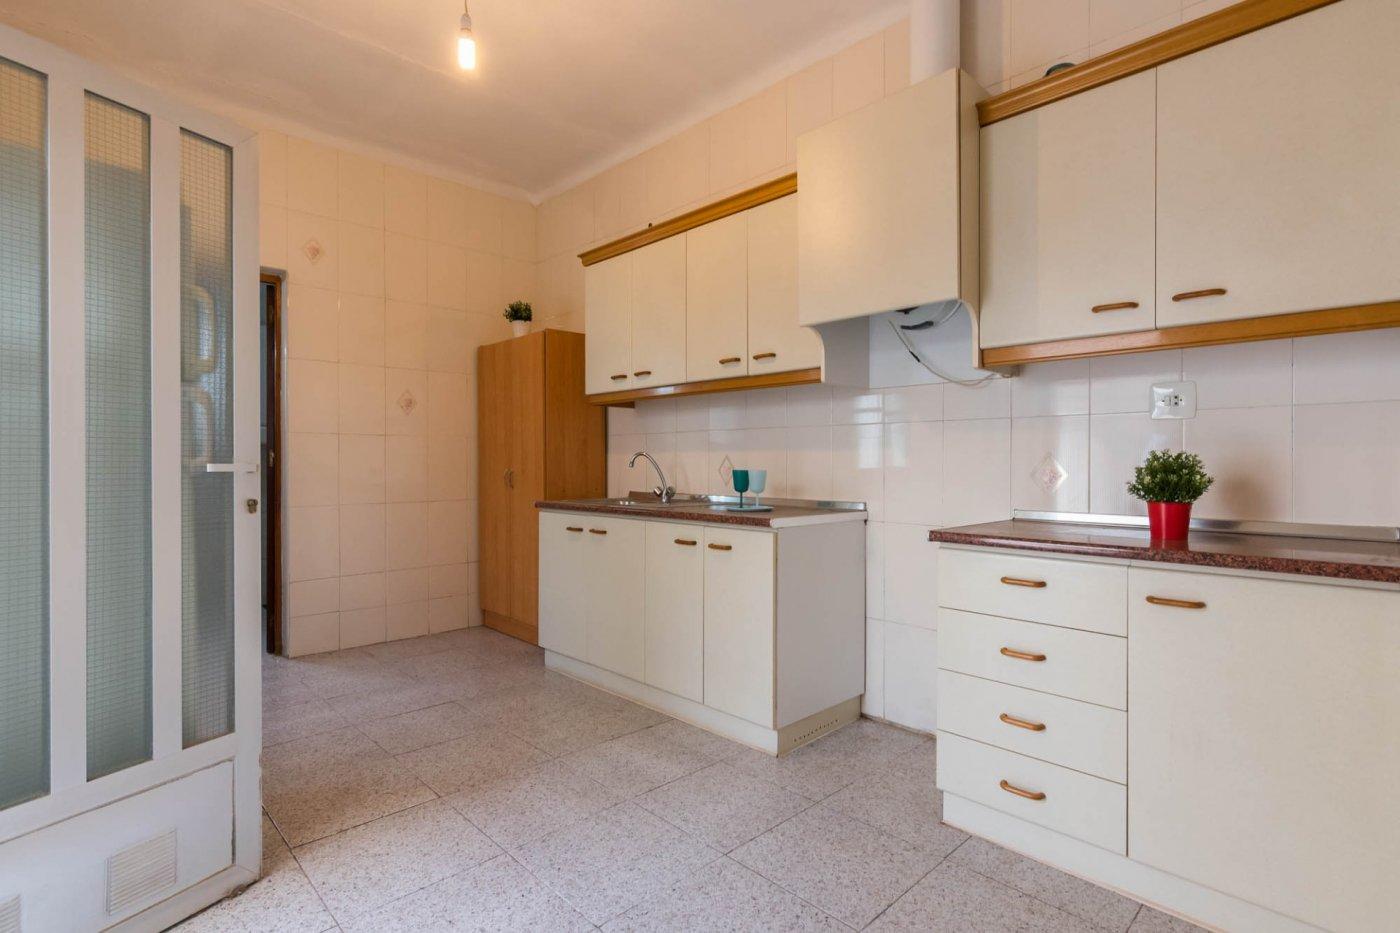 casa en murcia · san-jose-de-la-vega 89000€